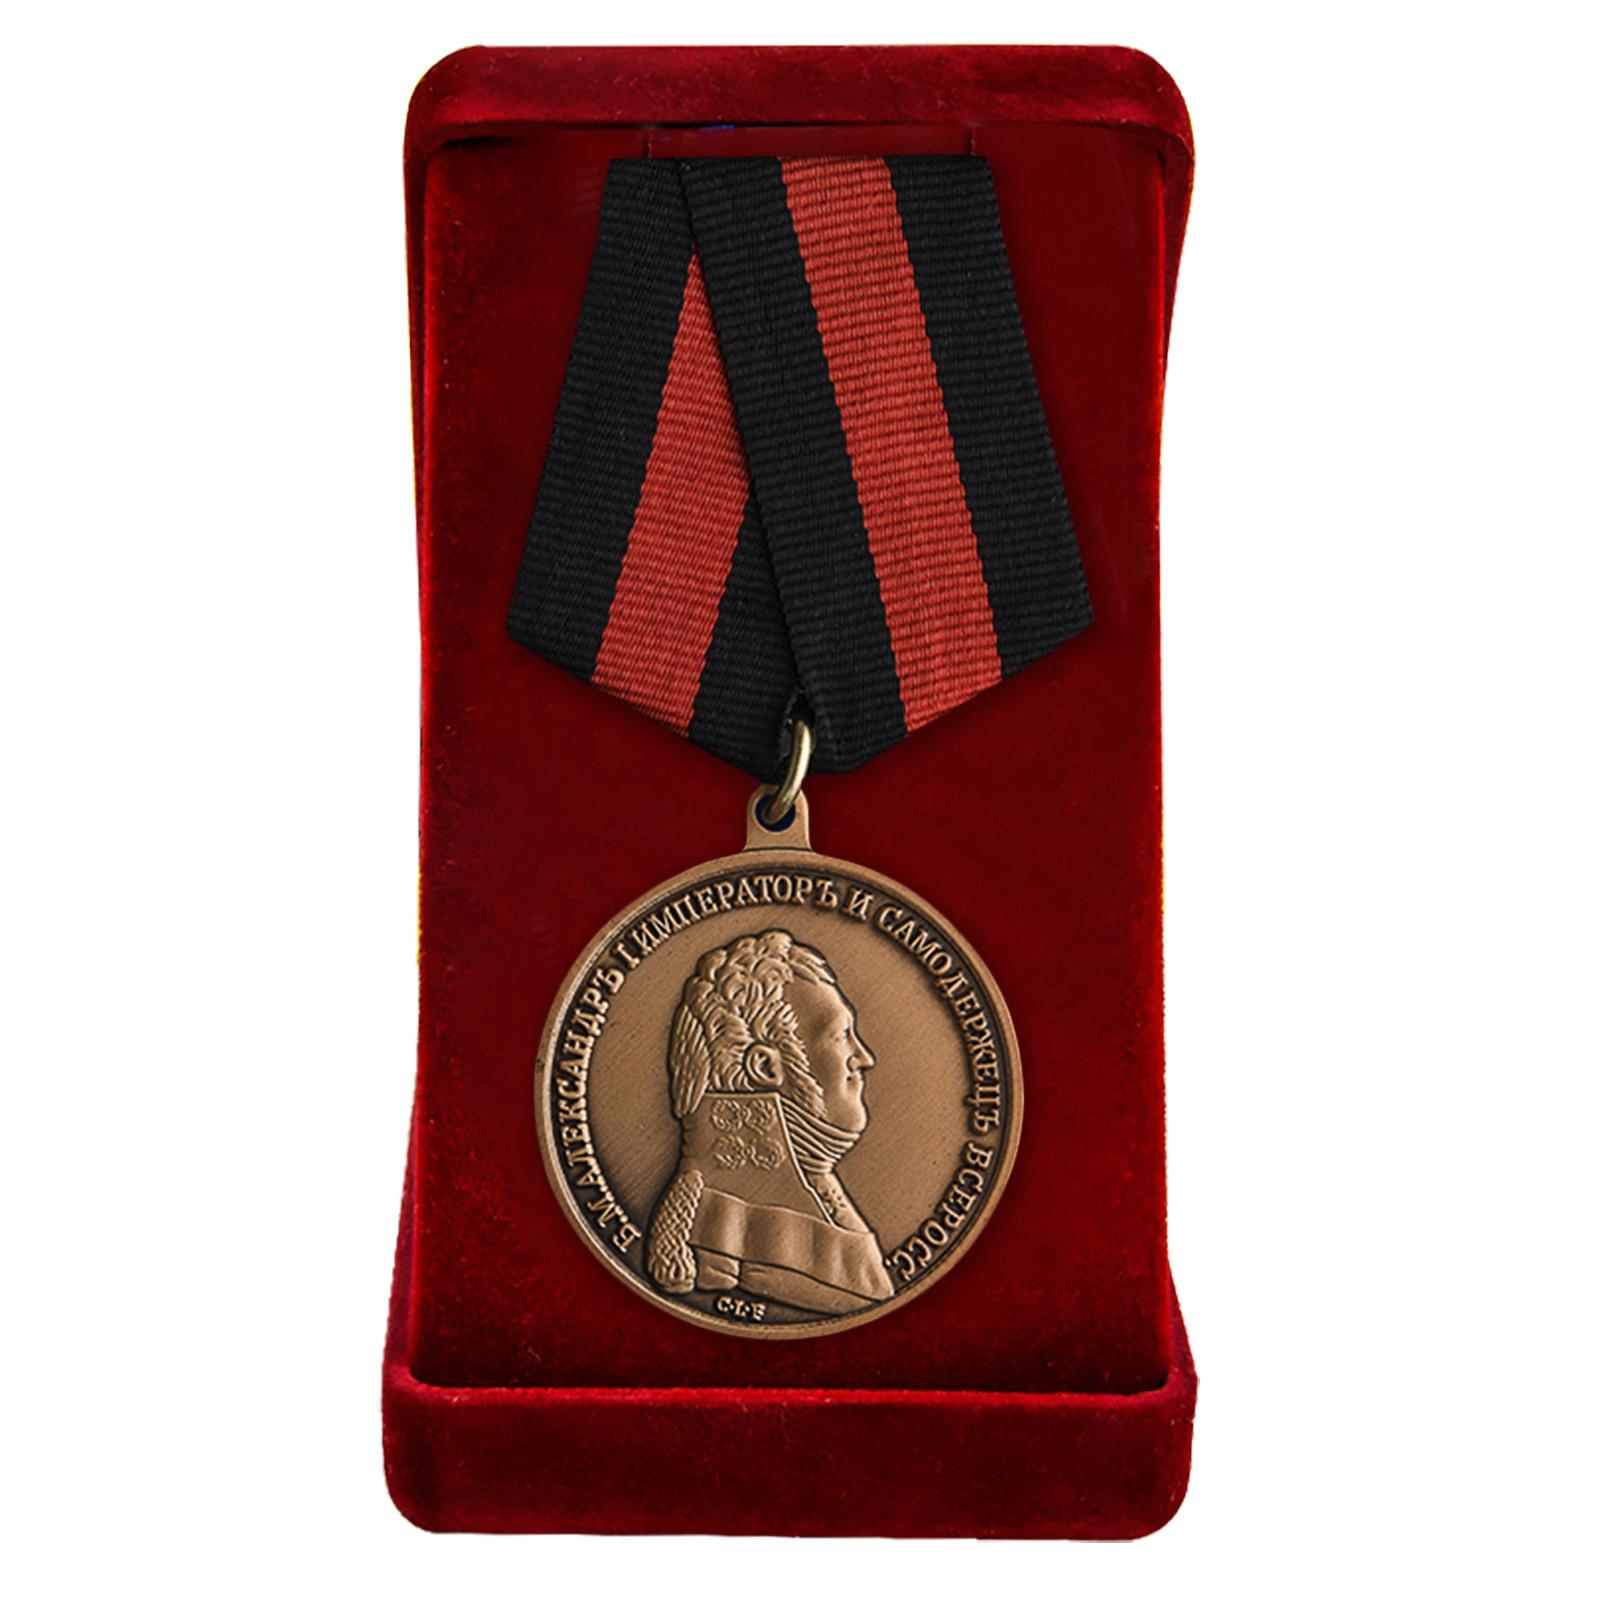 Купить медаль Александра I За спасение погибавших с доставкой